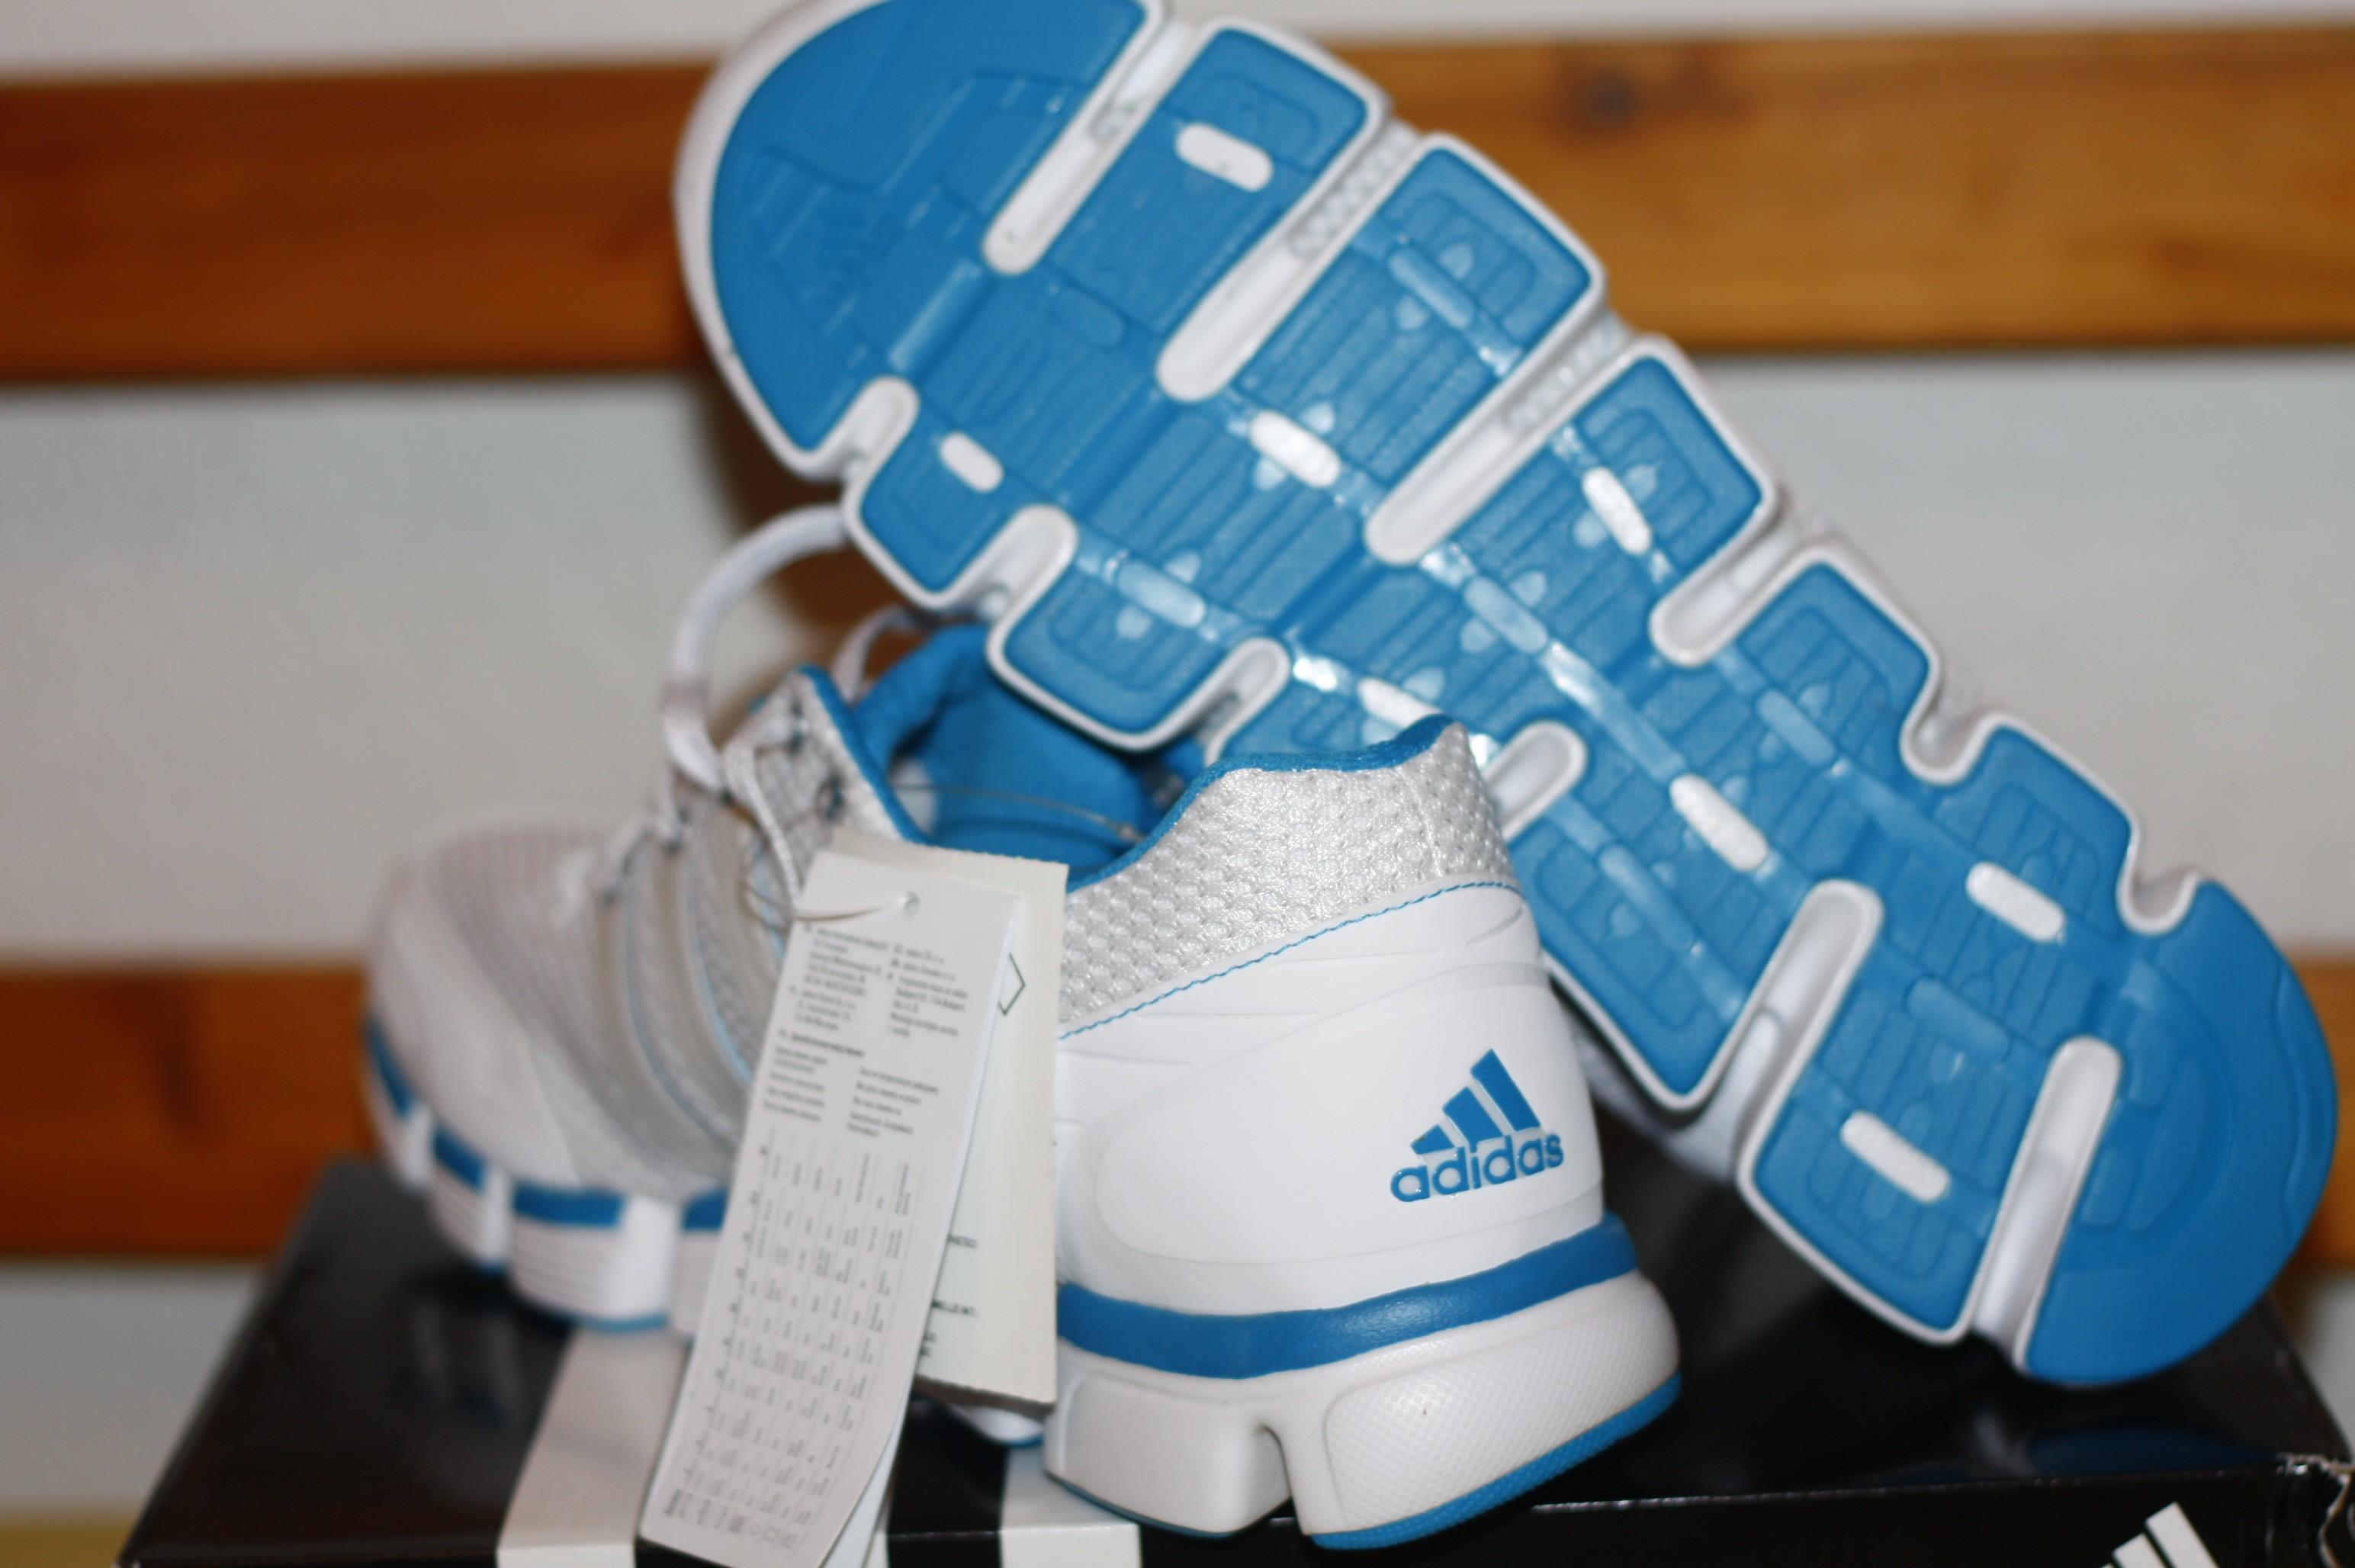 Eladó a képen látható 43 1 3 méretű 0-km es adidas cipő 5551374ae9